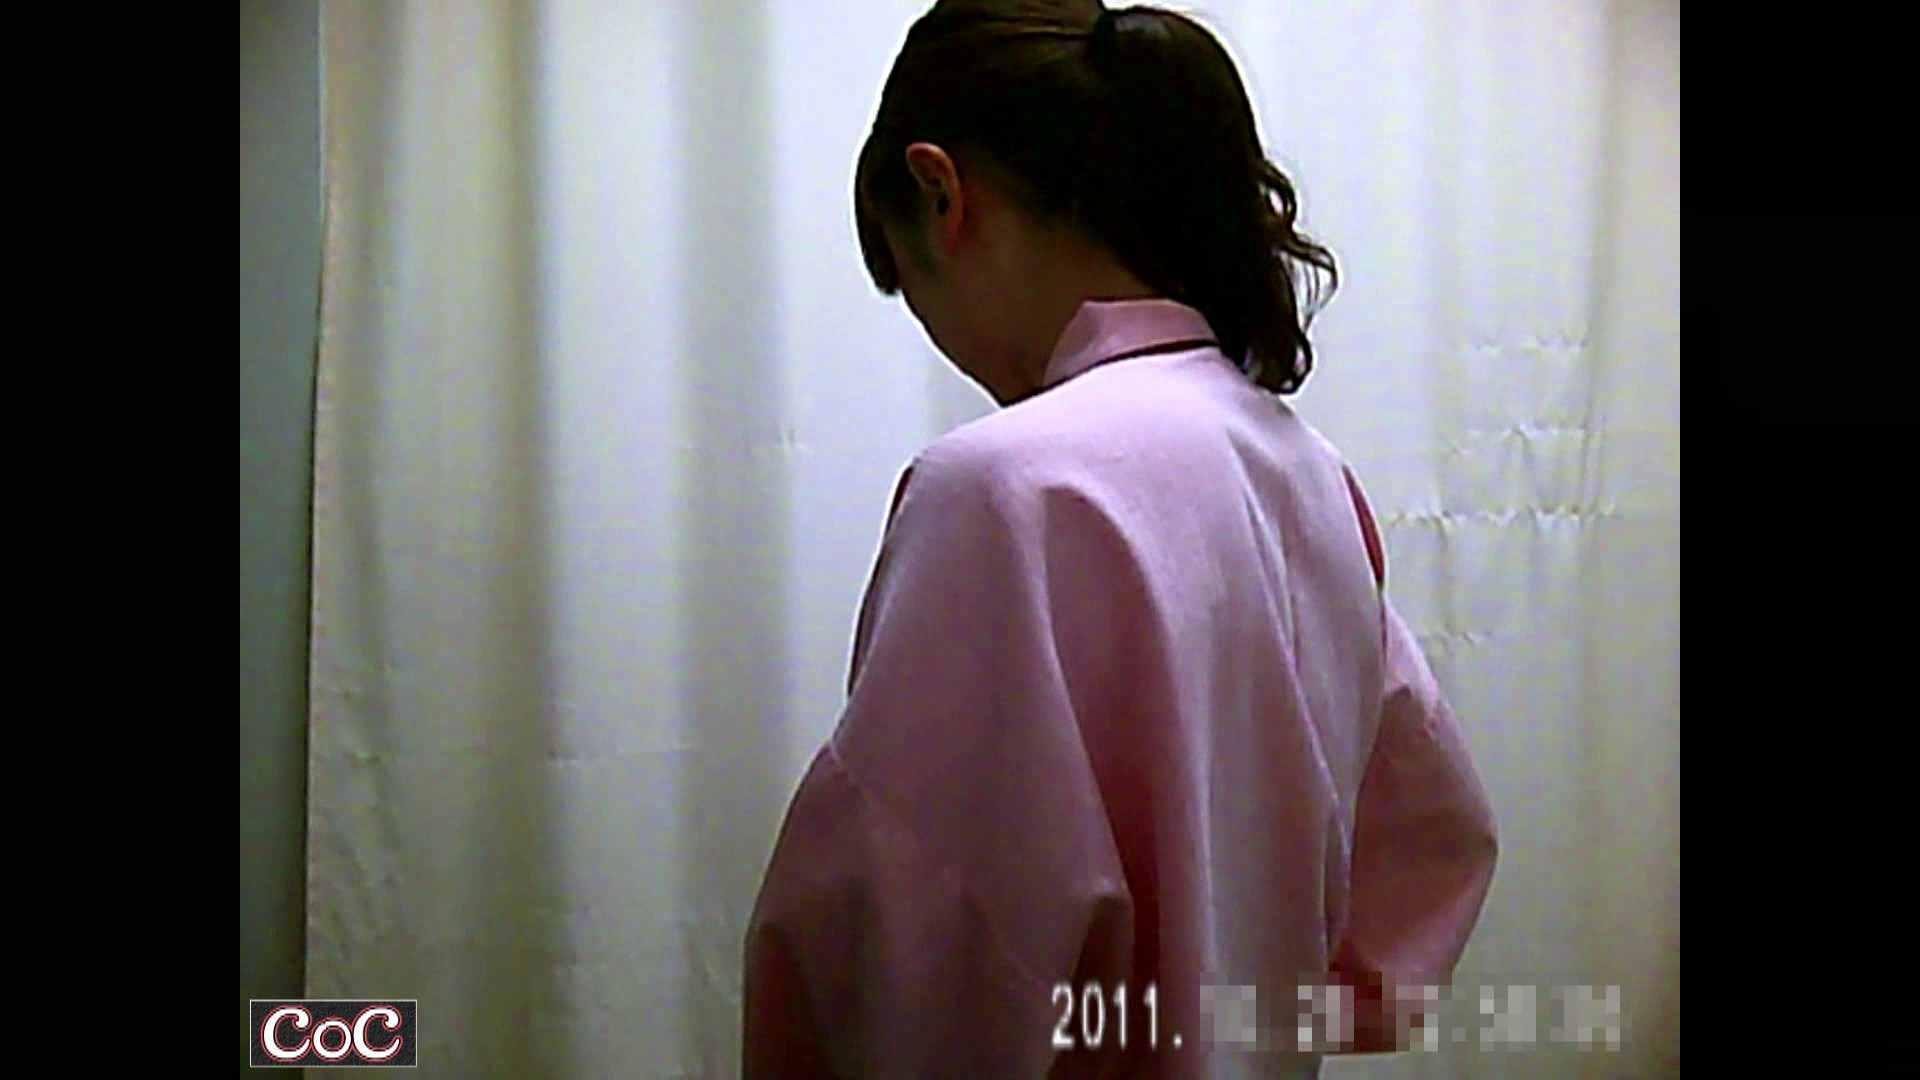 元医者による反抗 更衣室地獄絵巻 vol.221 OLハメ撮り  35Pix 7